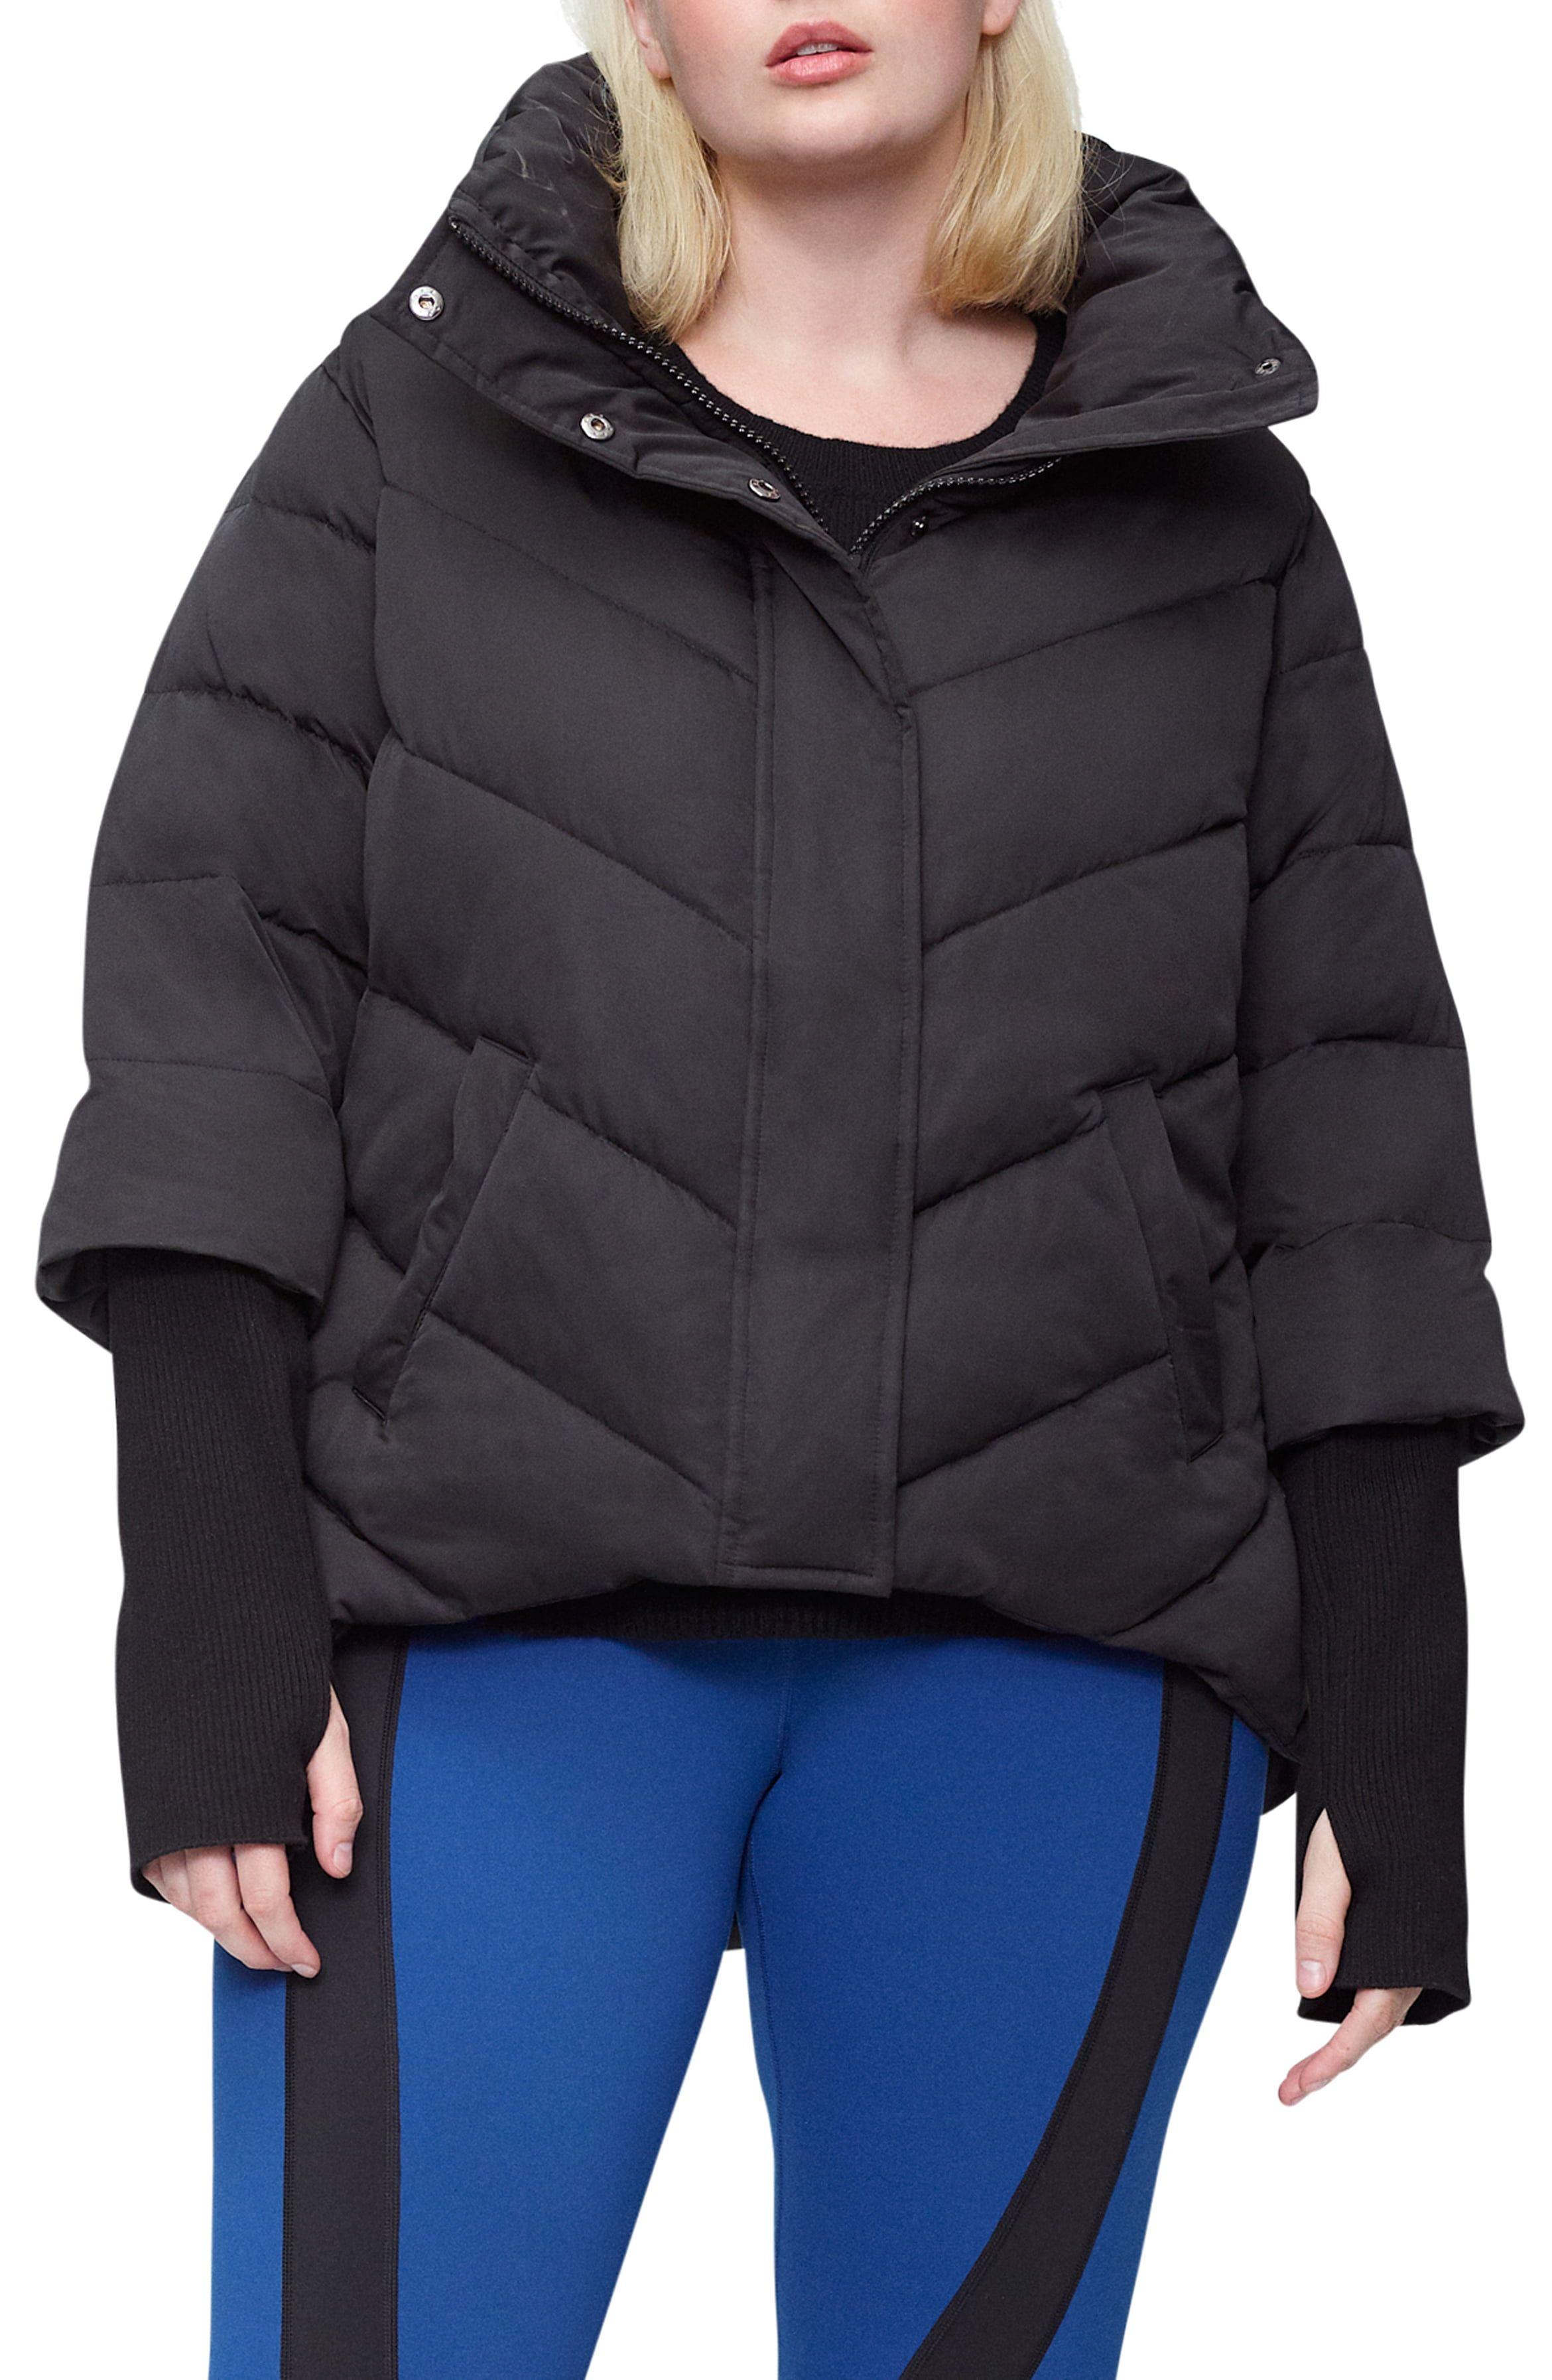 Universal Standard Tinos Short Puffer Jacket Regular Plus Size Nordstrom Short Puffer Jacket Puffer Jackets Puffer [ 3588 x 2340 Pixel ]